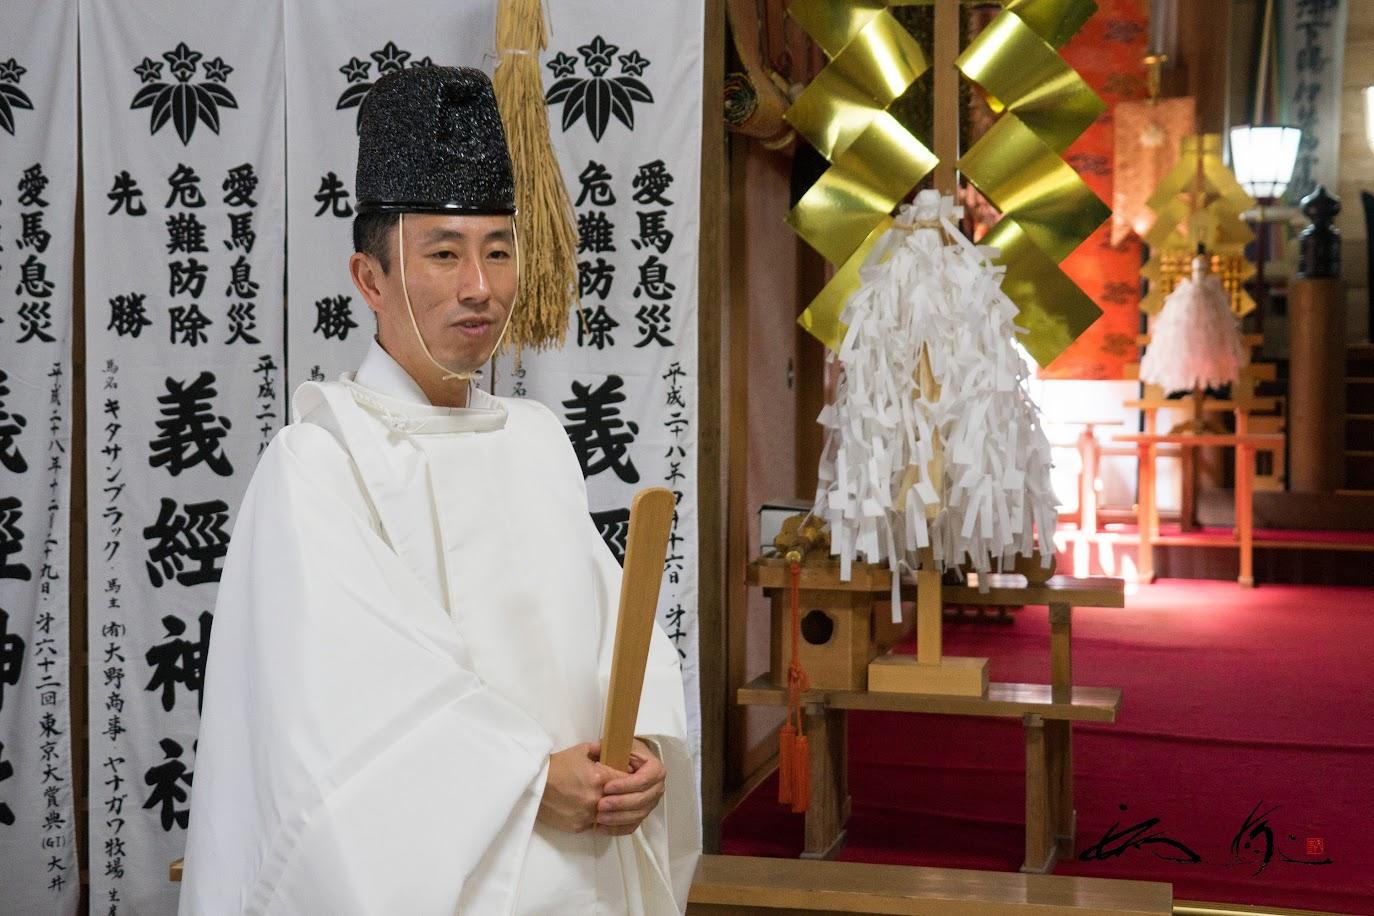 義経神社・三上智彦宮司